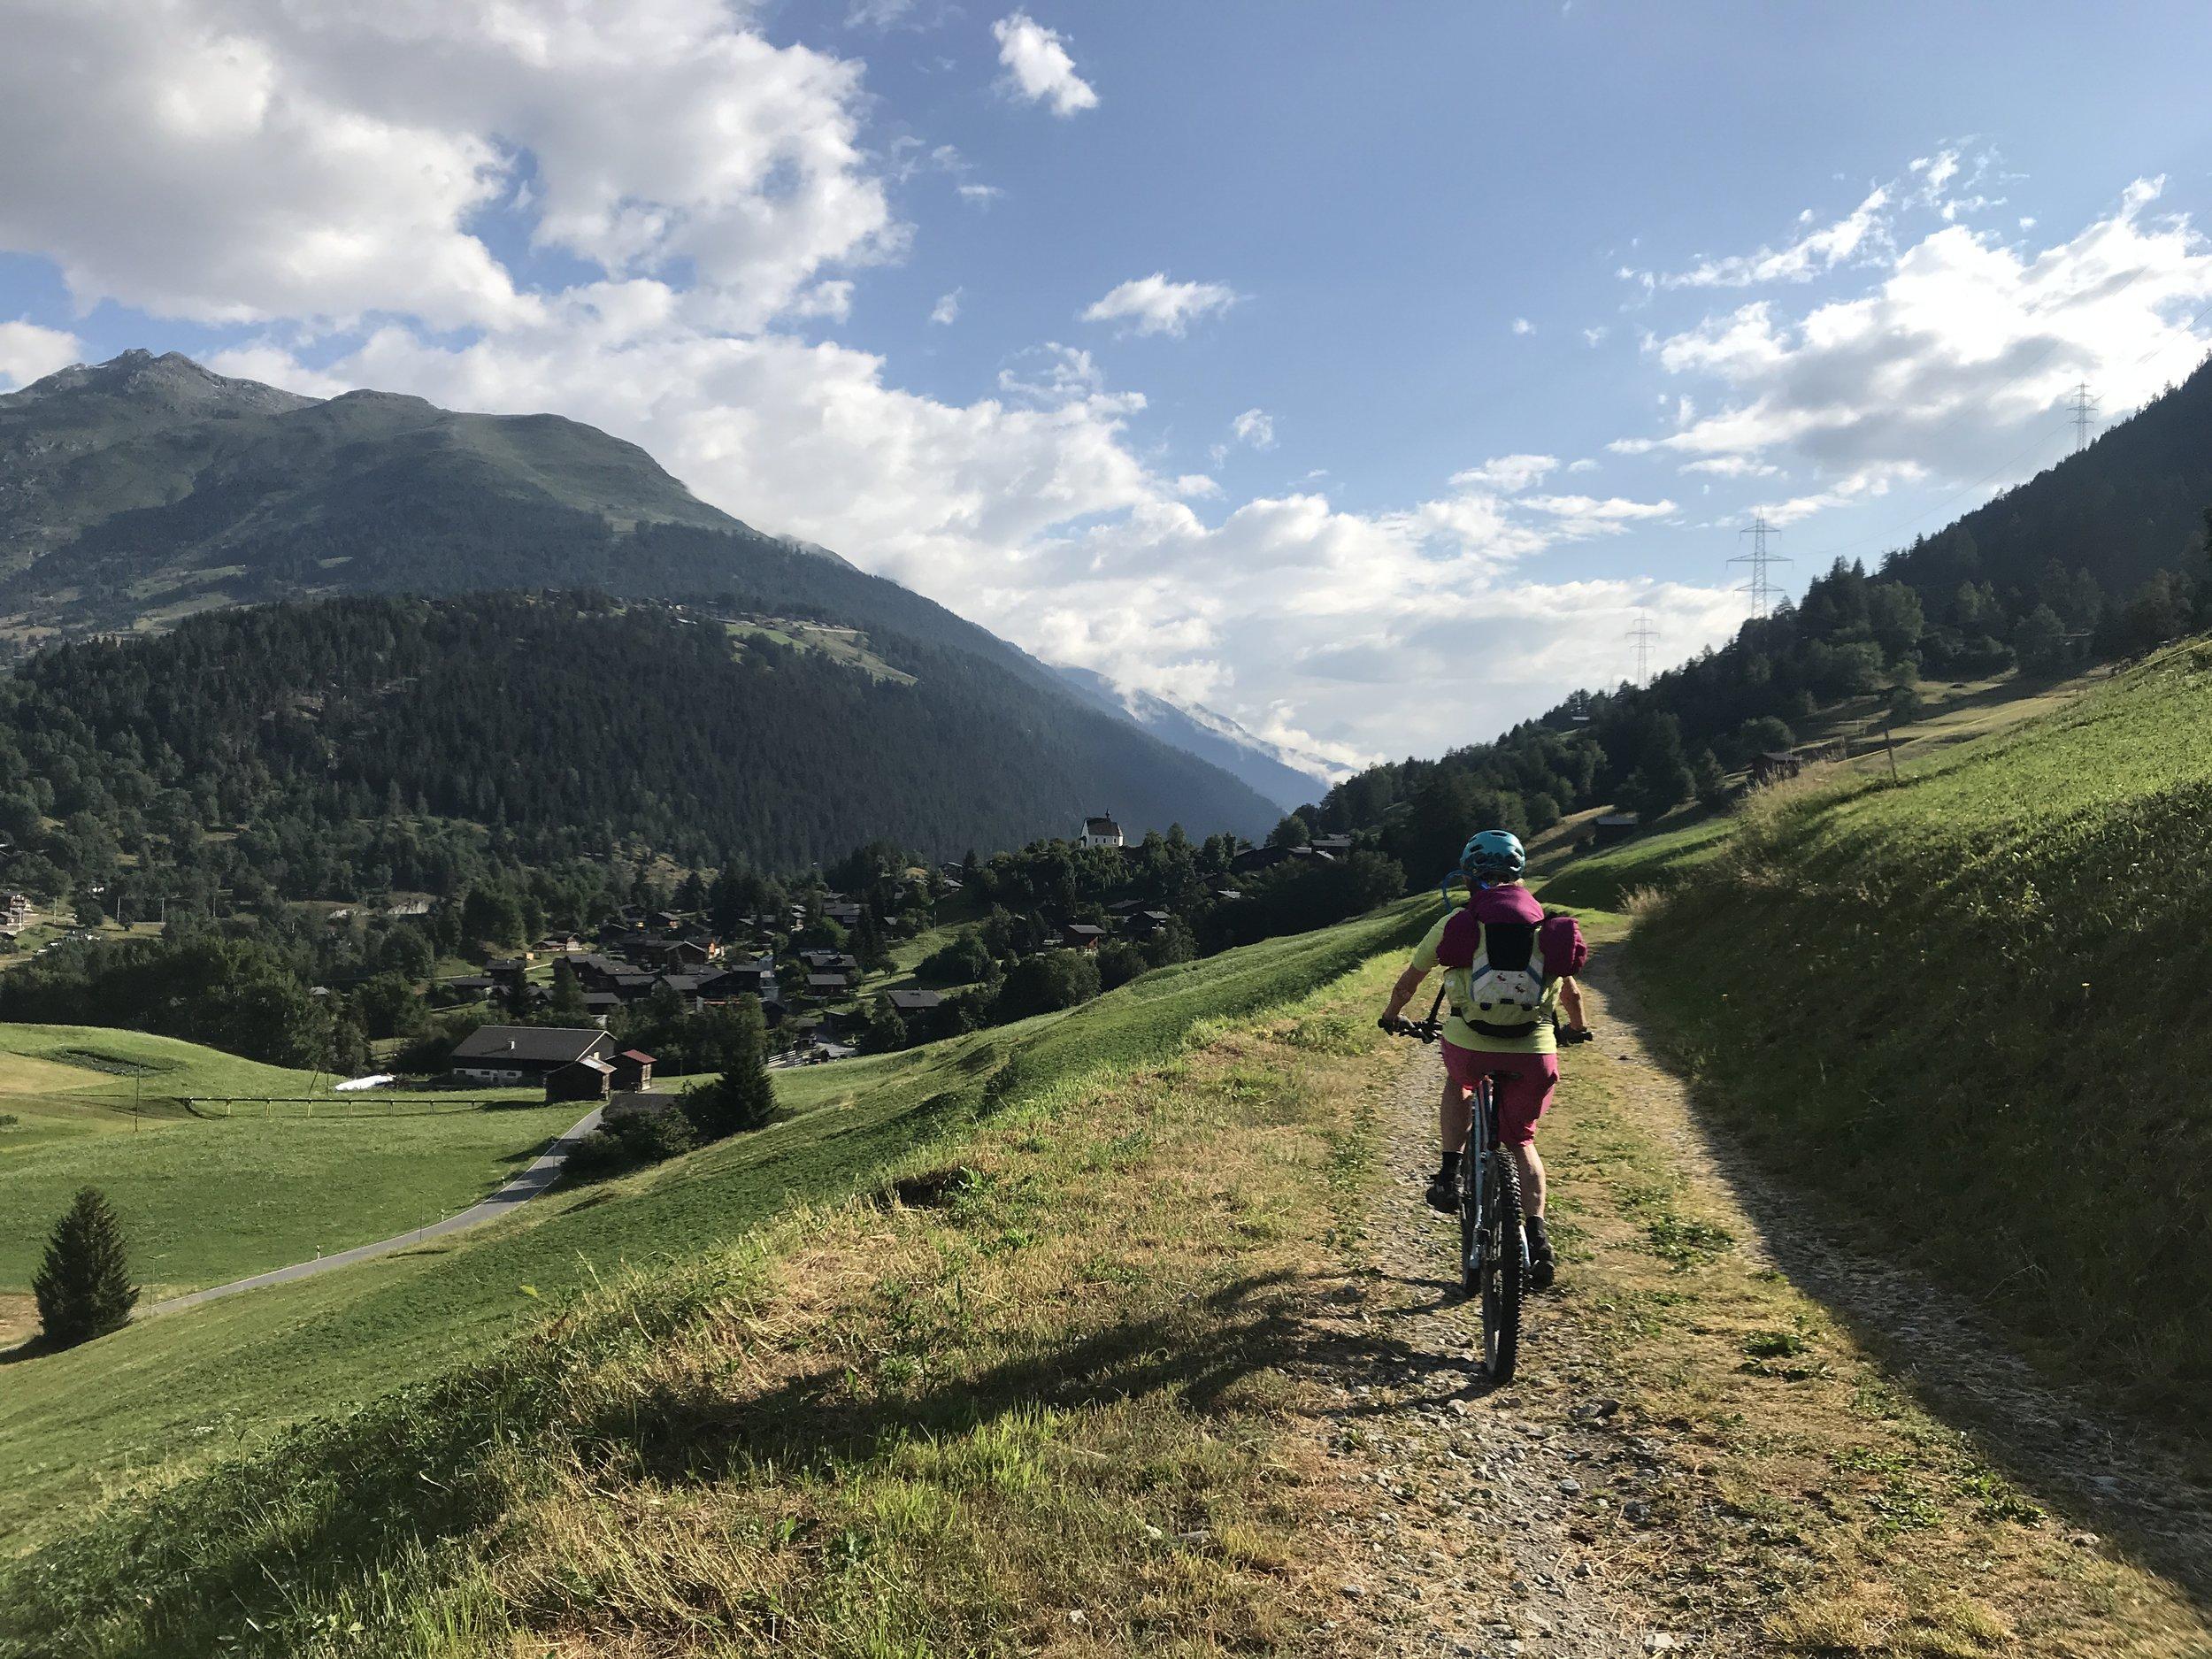 Beim letzte Anstieg nach Bellwald merken wir die gestrige Etappe in dne Beinen